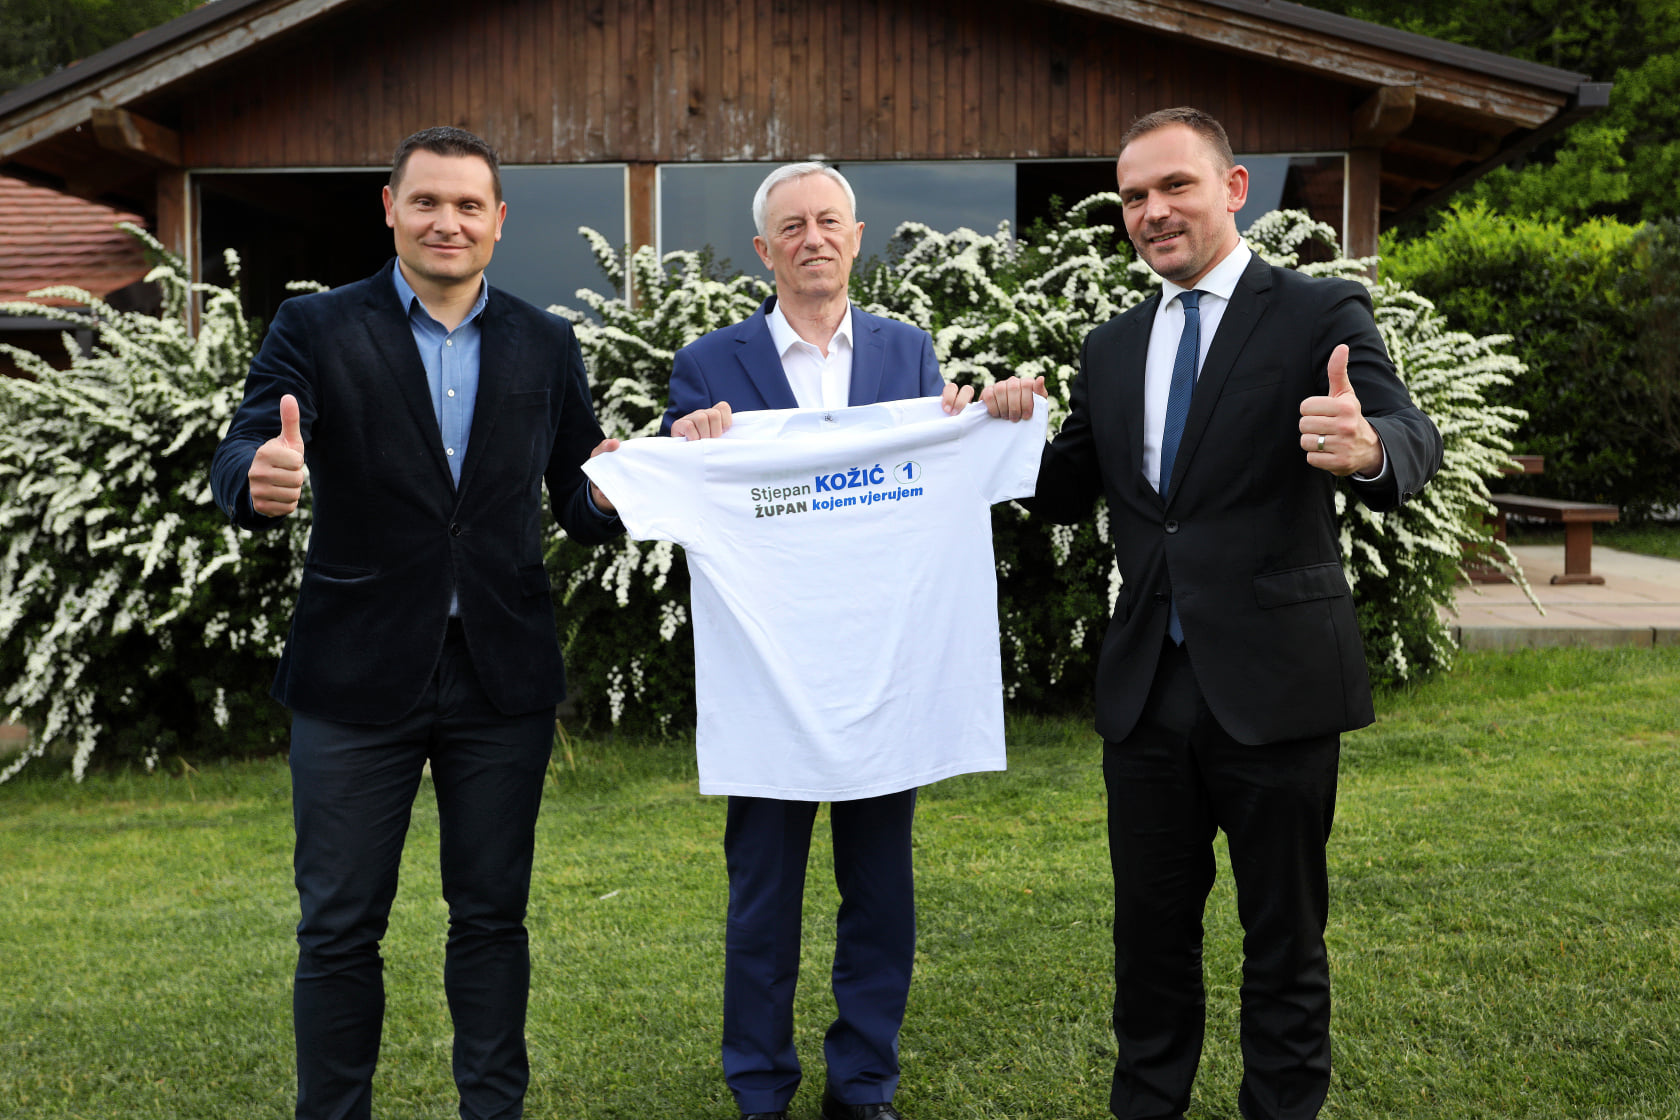 Stjepan Kožić ostaje na čelu Zagrebačke županije